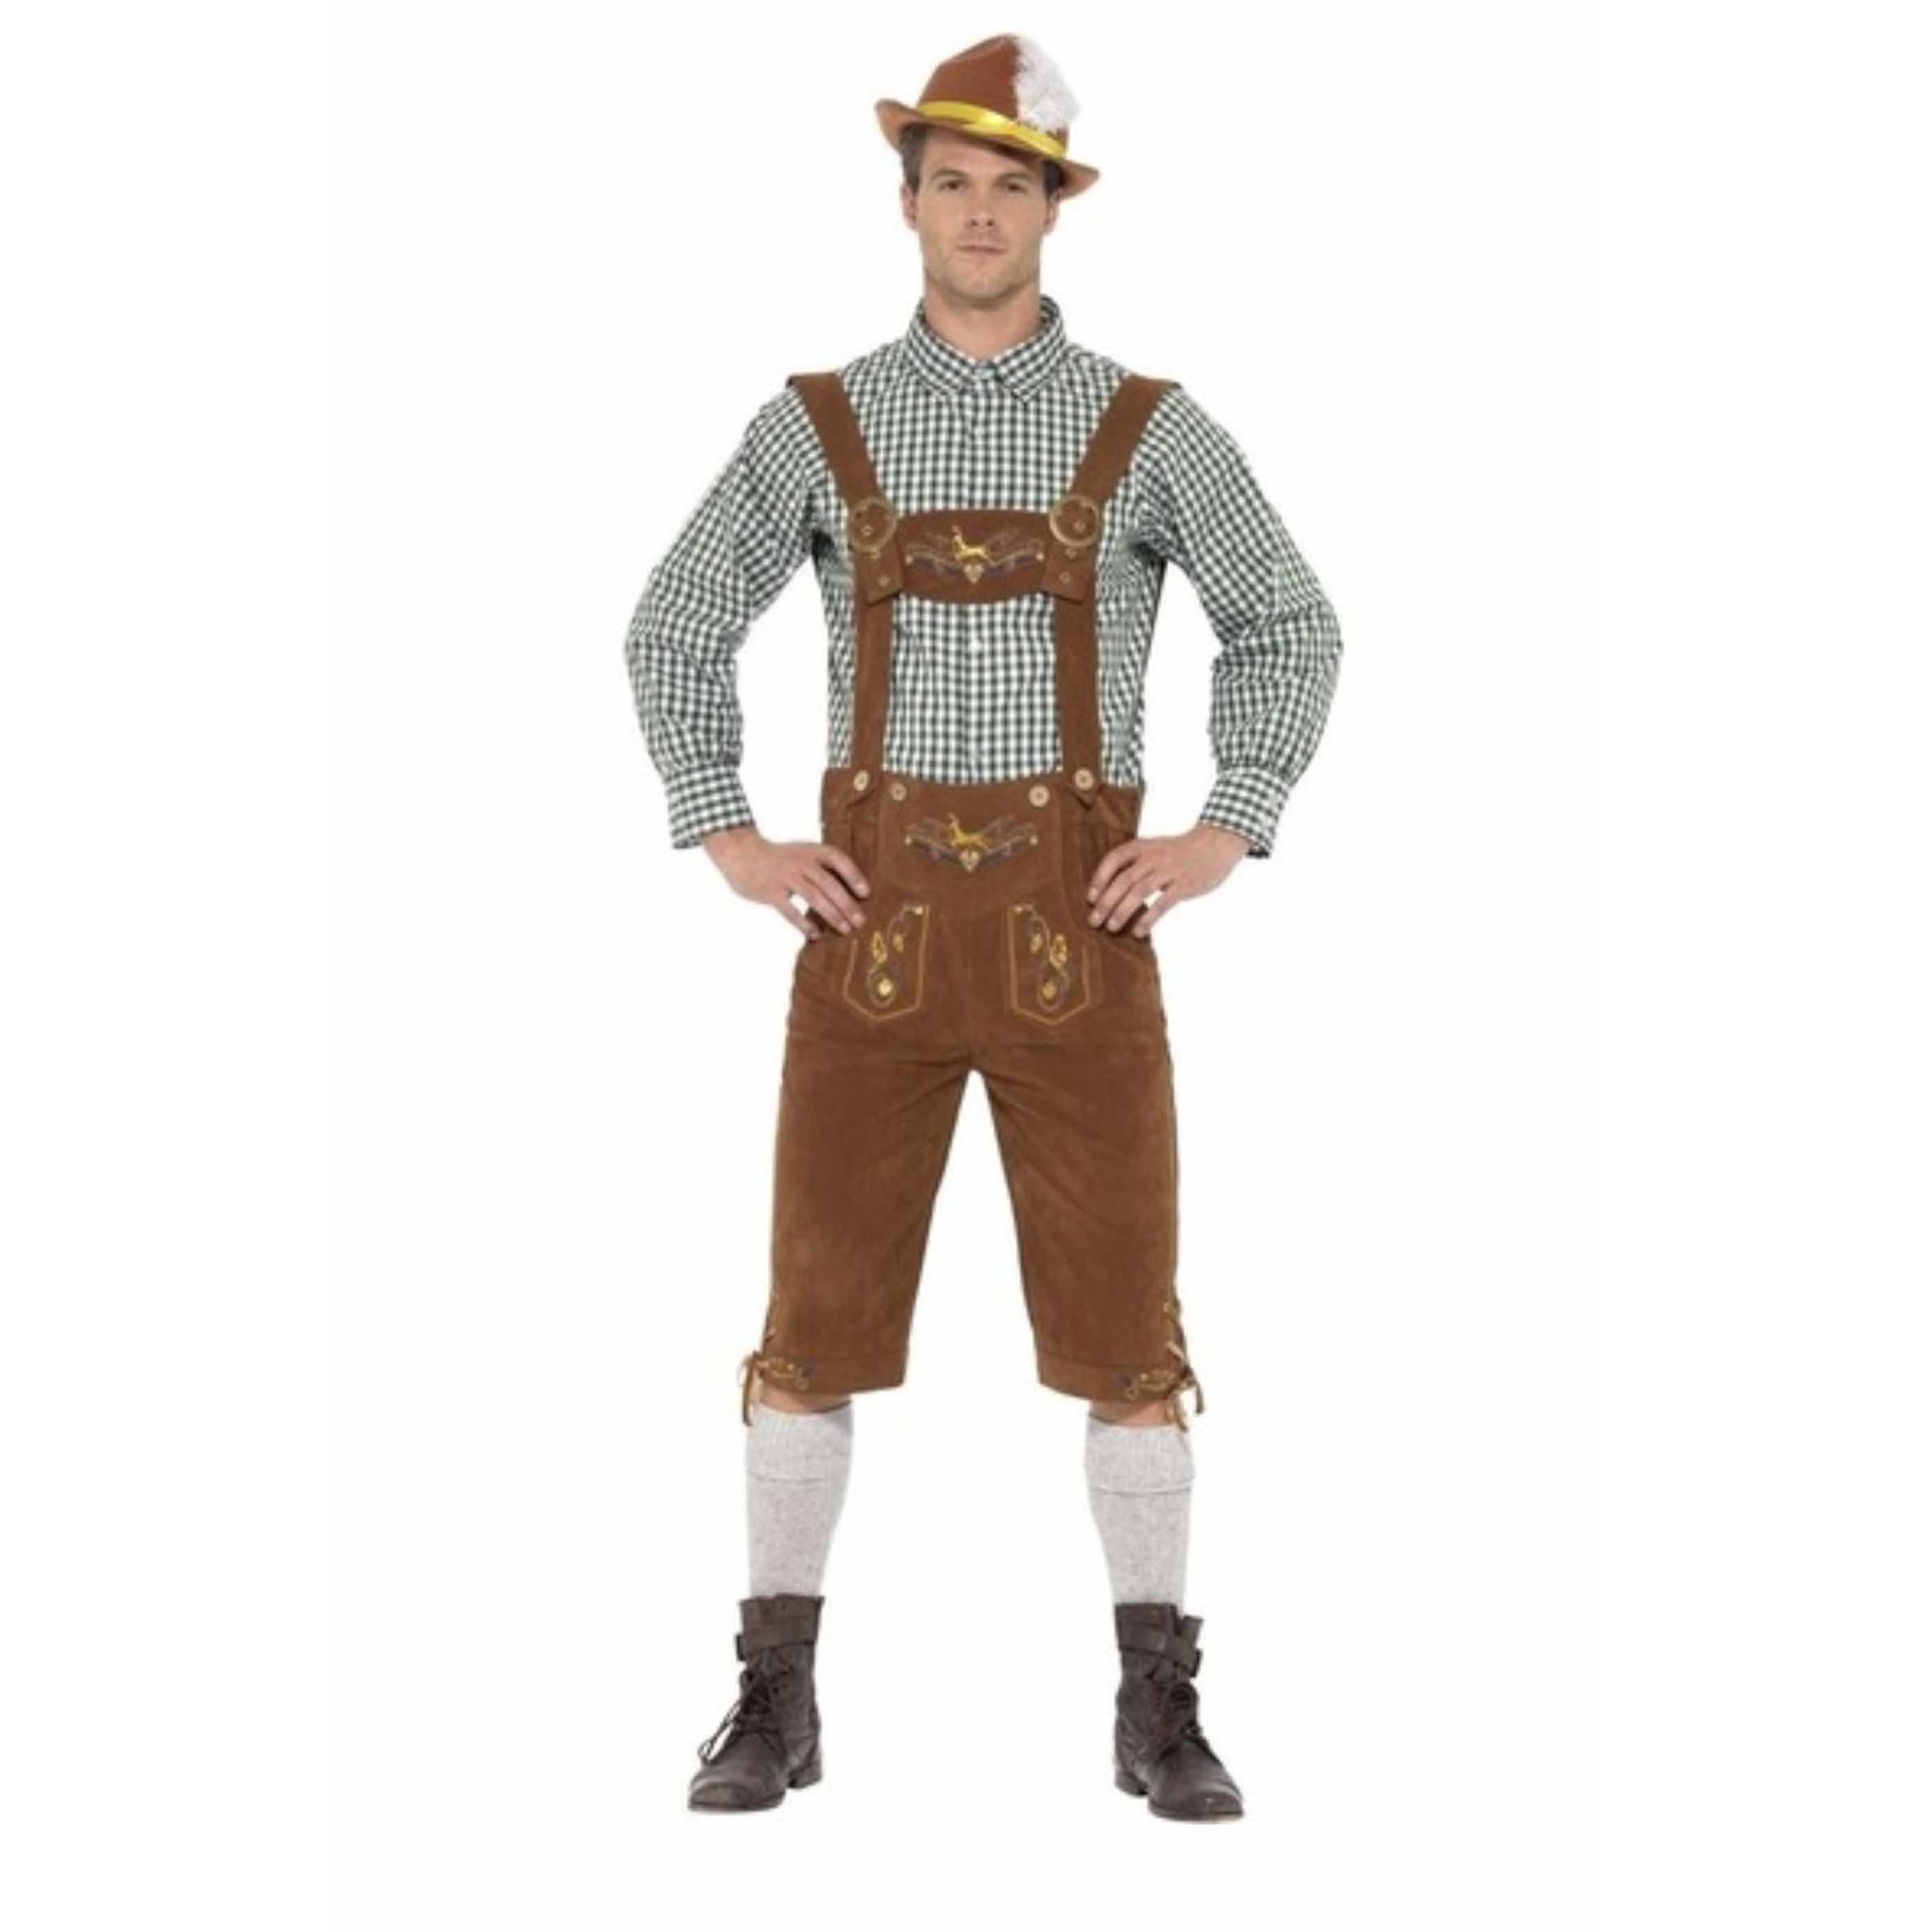 Bruine/groene Tiroler lederhosen kostuum met blouse voor heren